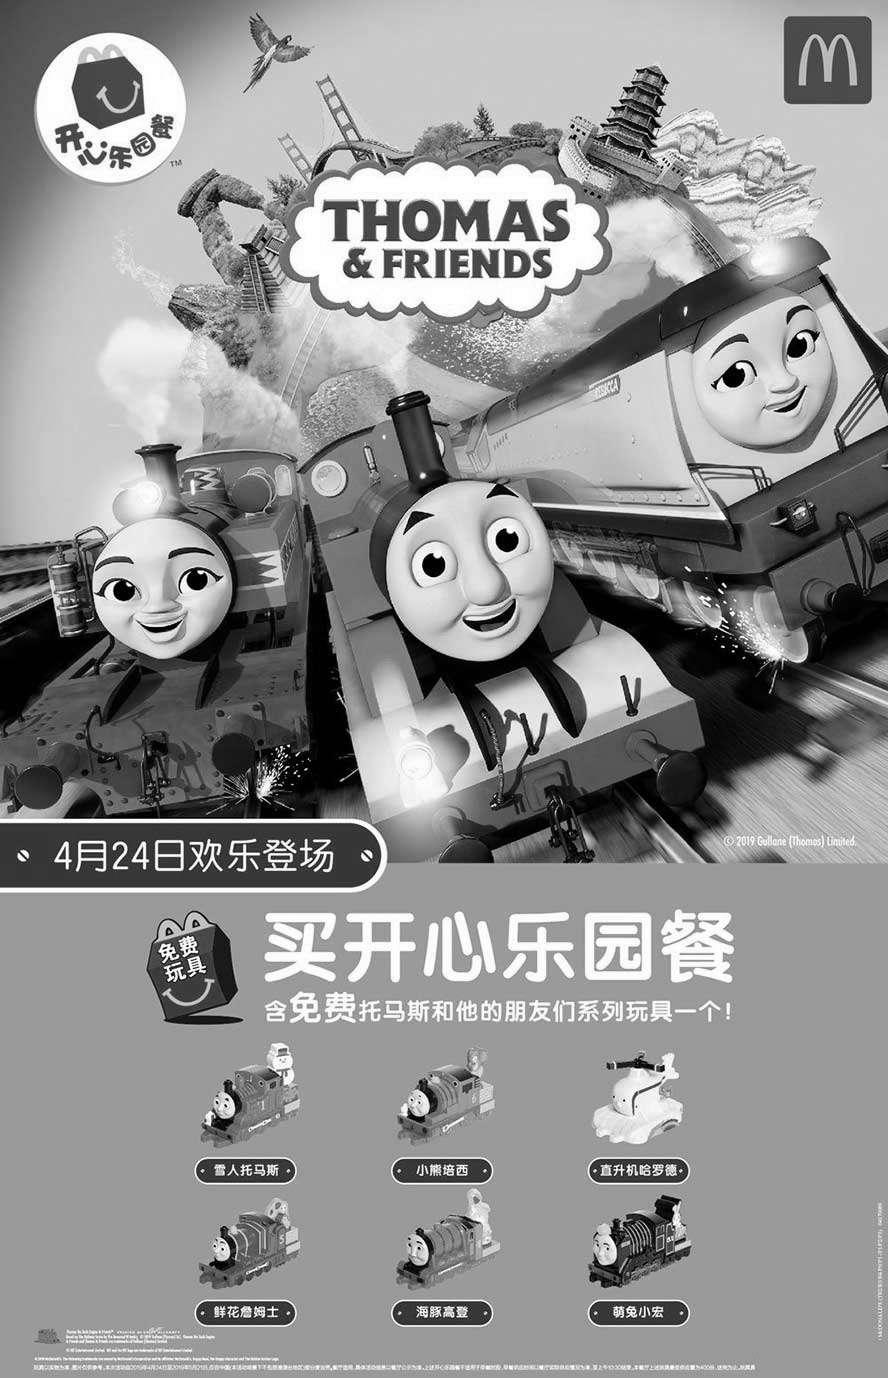 黑白优惠券图片:麦当劳2019年4月5月儿童餐免费玩具,托马斯和他的朋友们玩具 - www.5ikfc.com